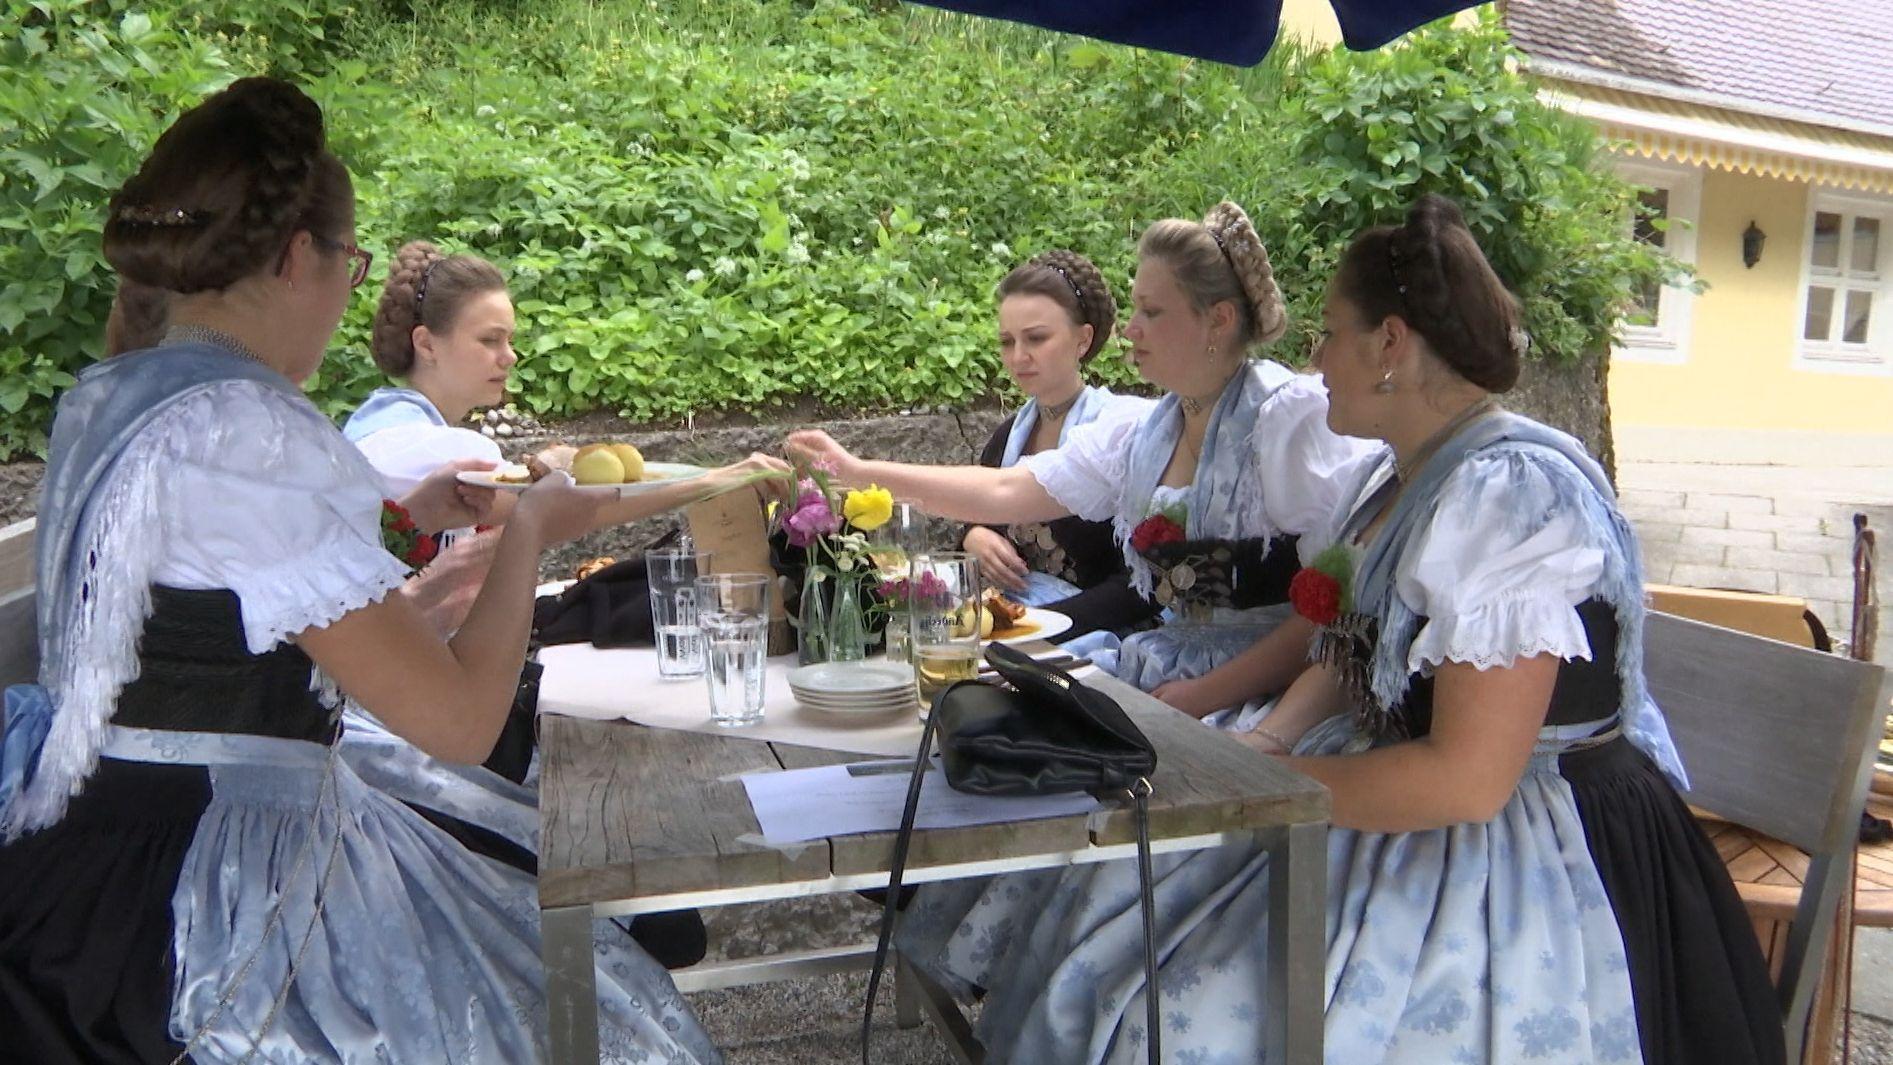 Gasthof von Kloster Andechs